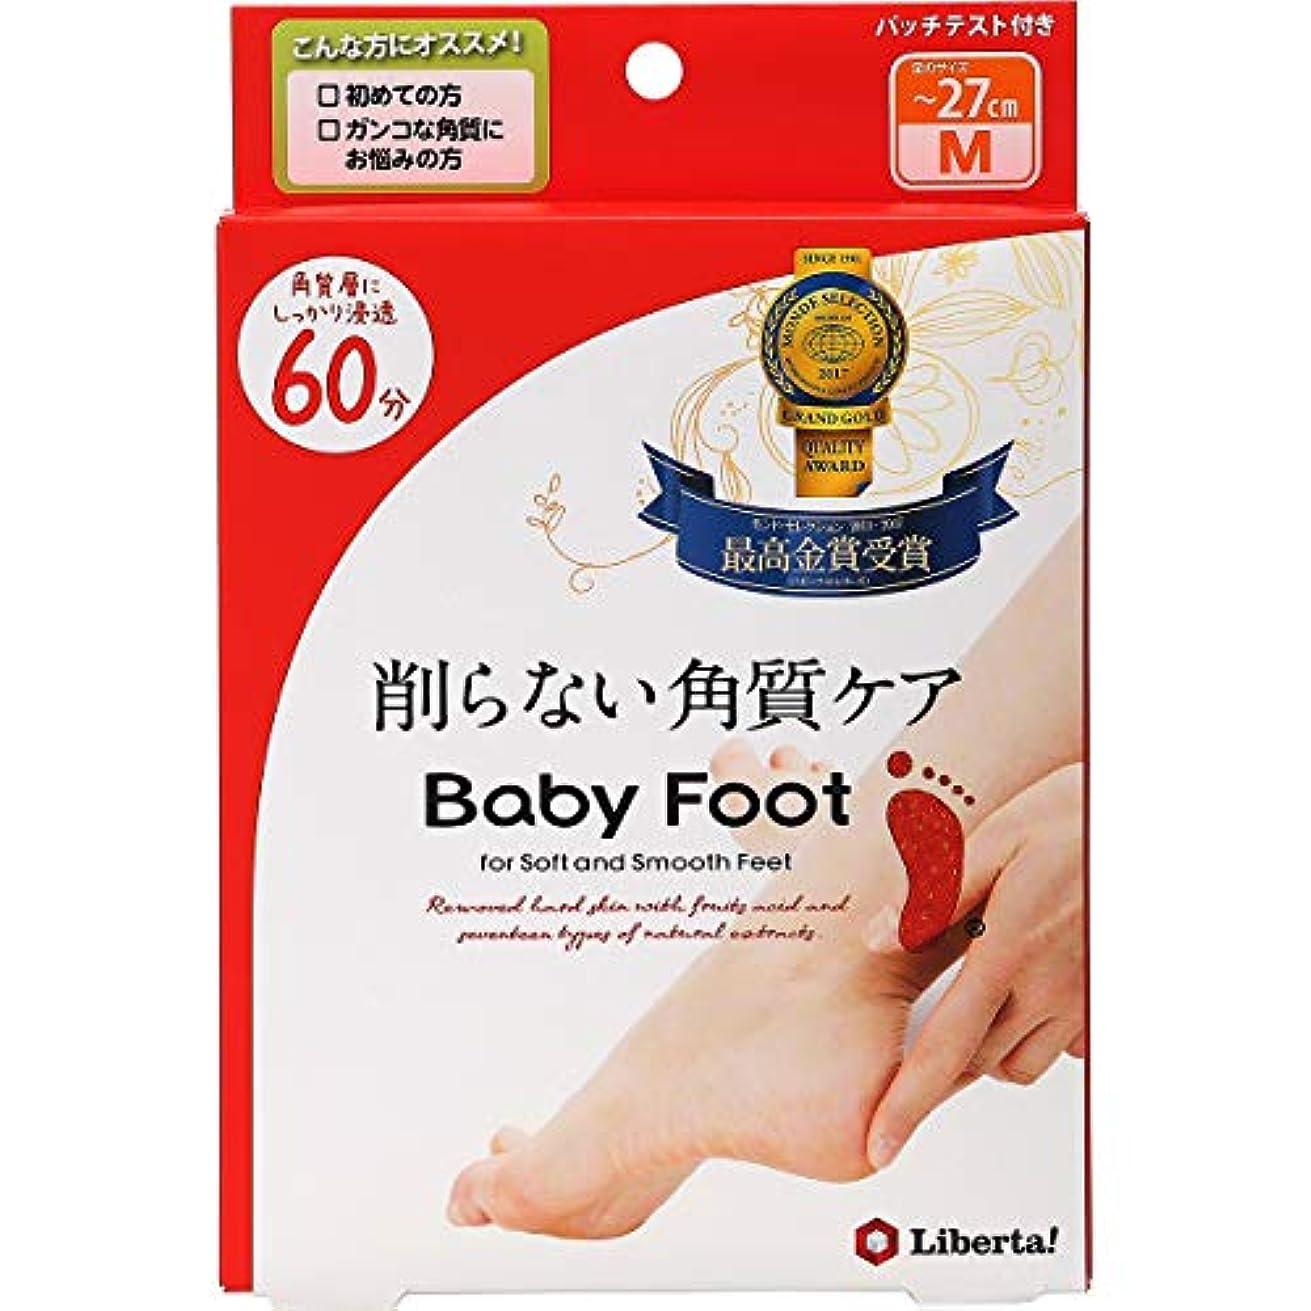 コンテンポラリーアニメーション再生ベビーフット (Baby Foot) ベビーフット イージーパック SPT60分タイプ Mサイズ 単品